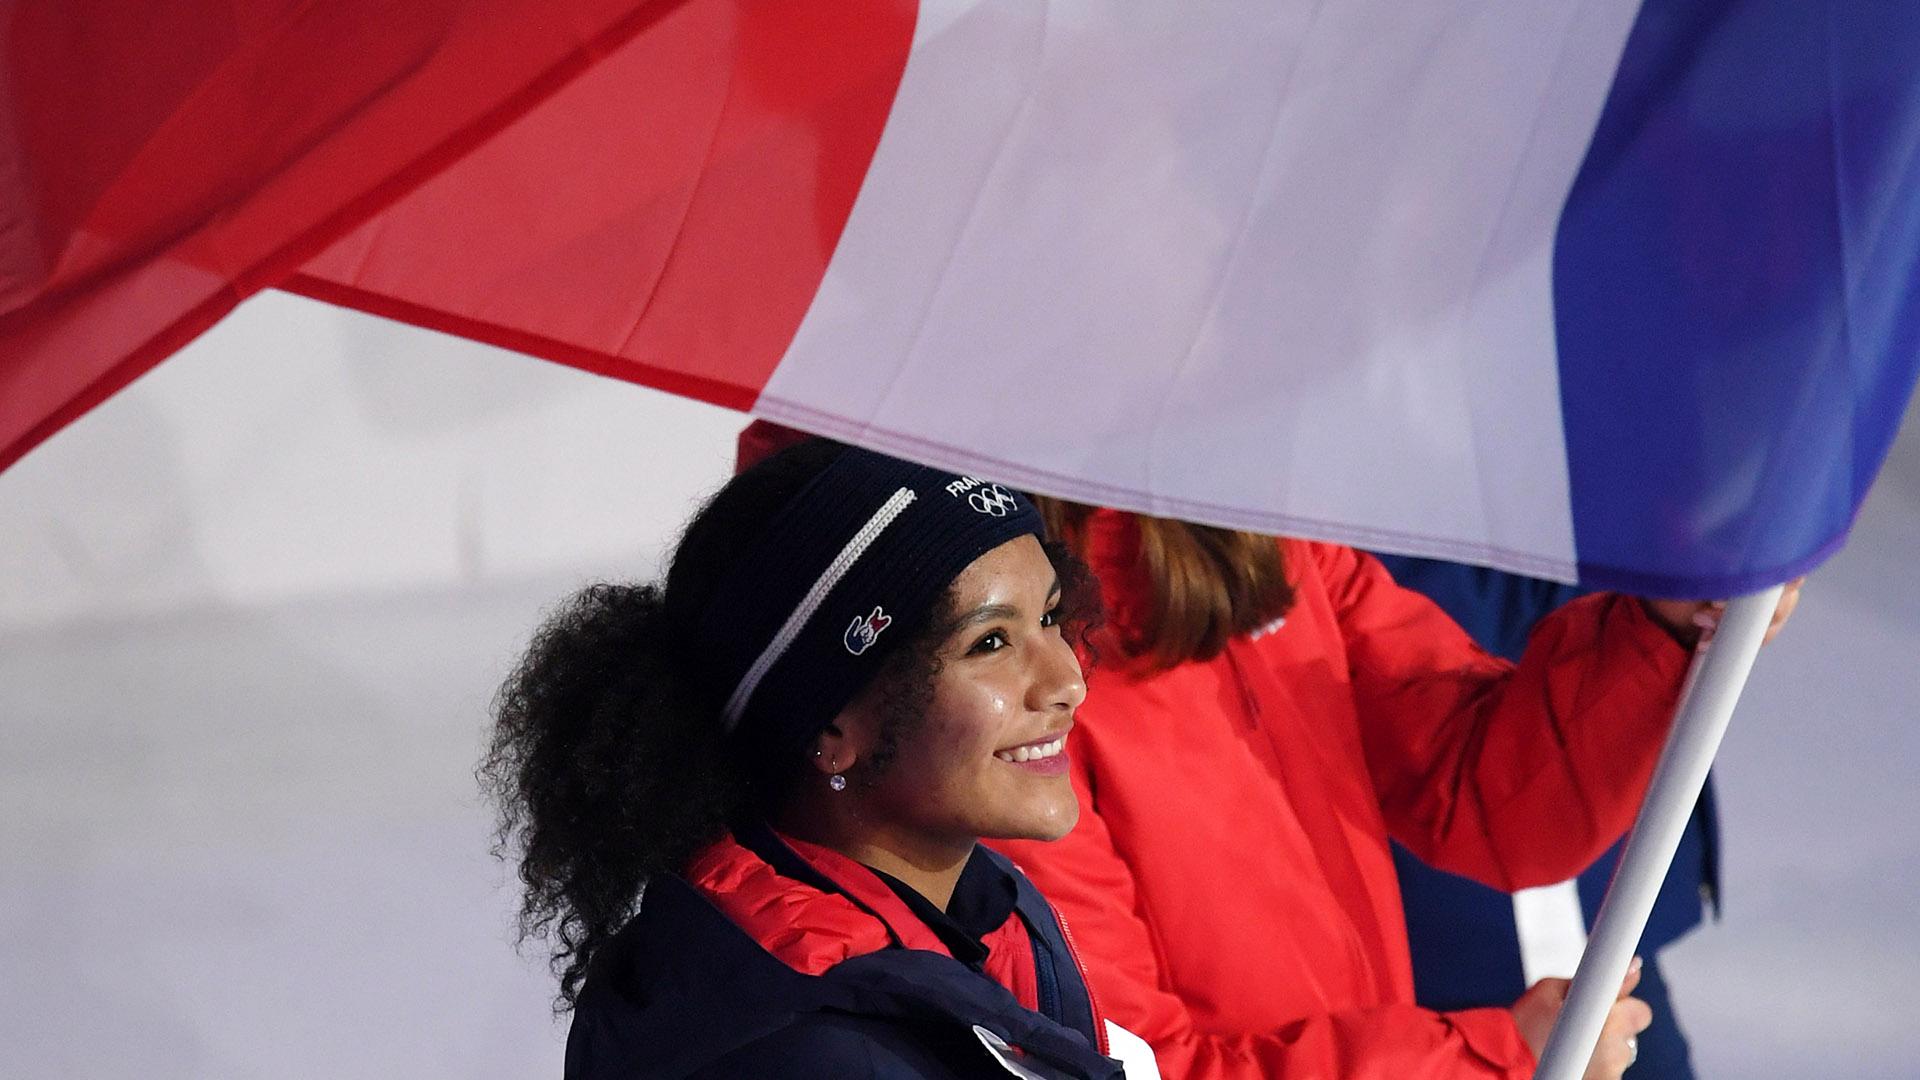 Camila Copain, porte-drapeau et sportive sur tous les fronts